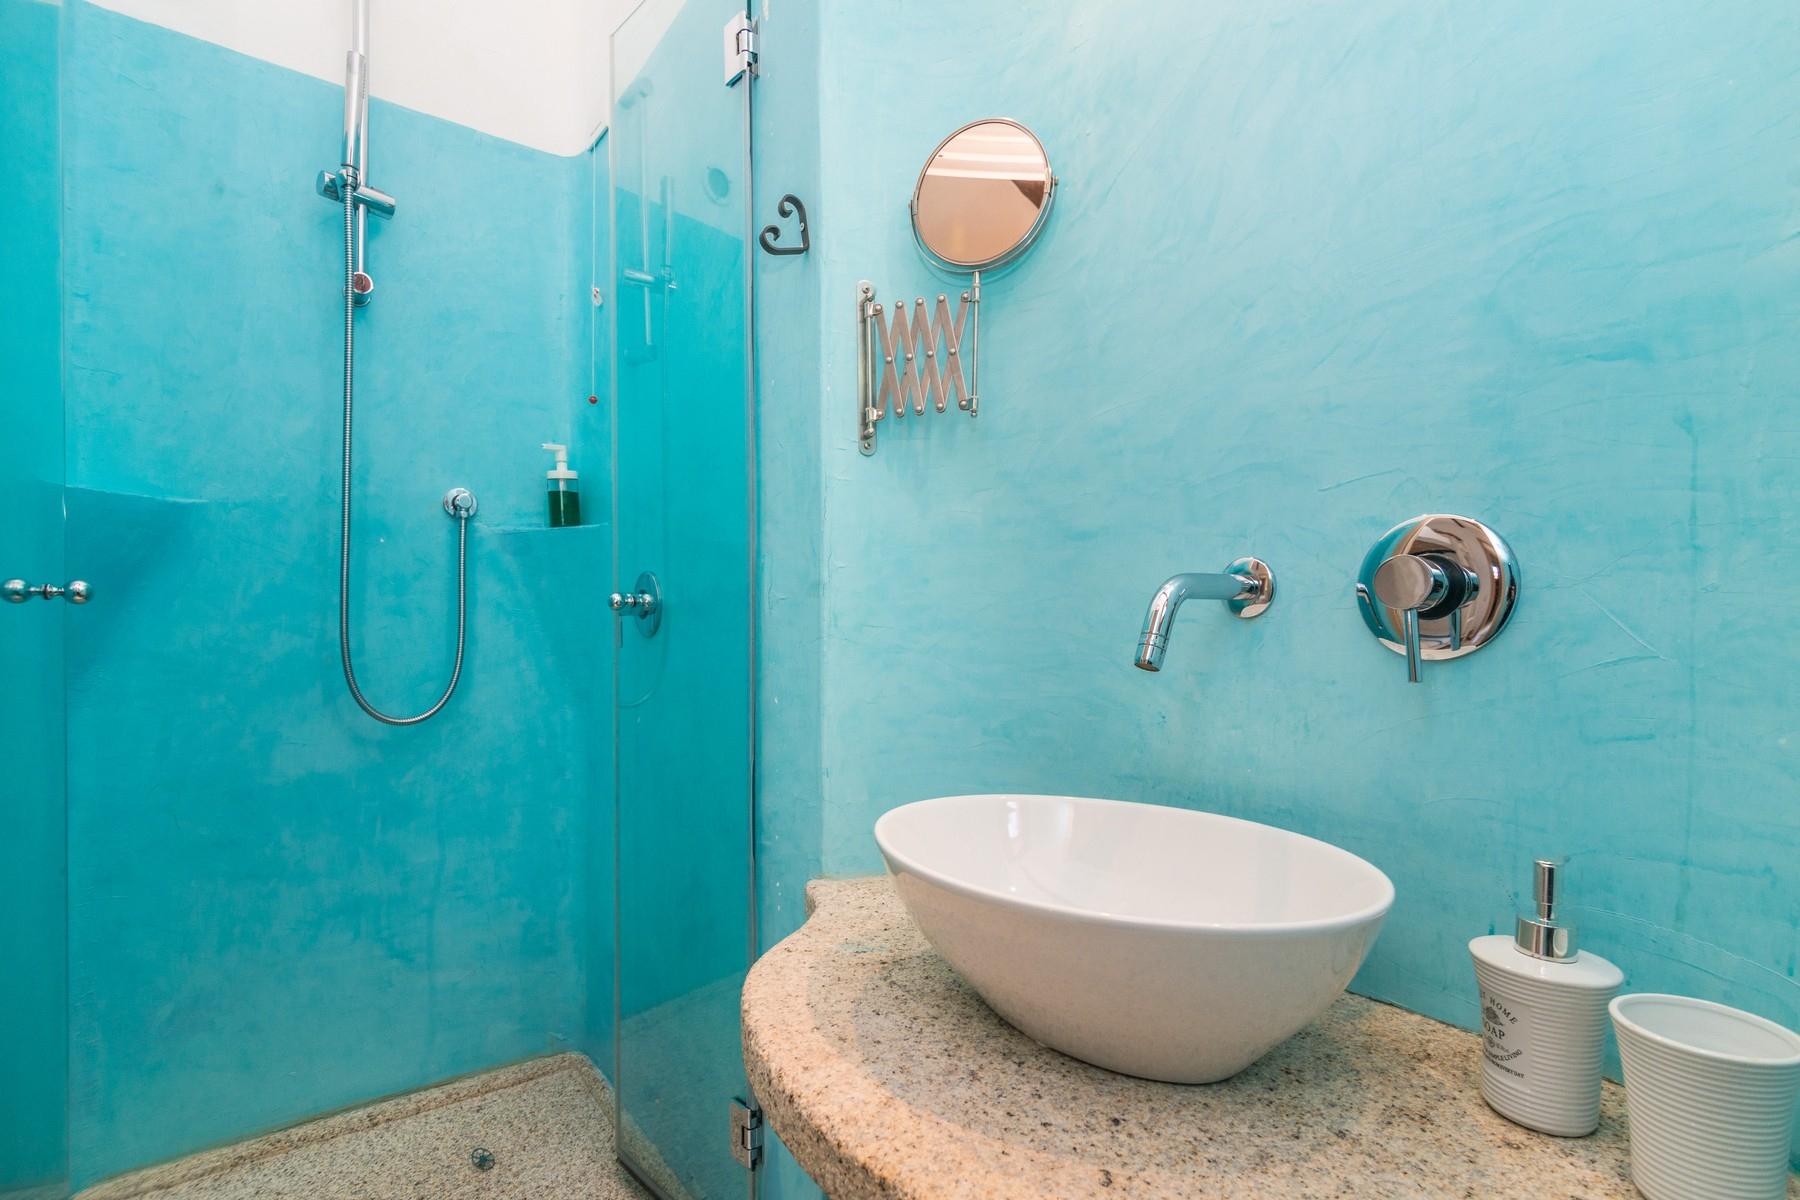 Casa indipendente in Vendita a Arzachena: 4 locali, 60 mq - Foto 12